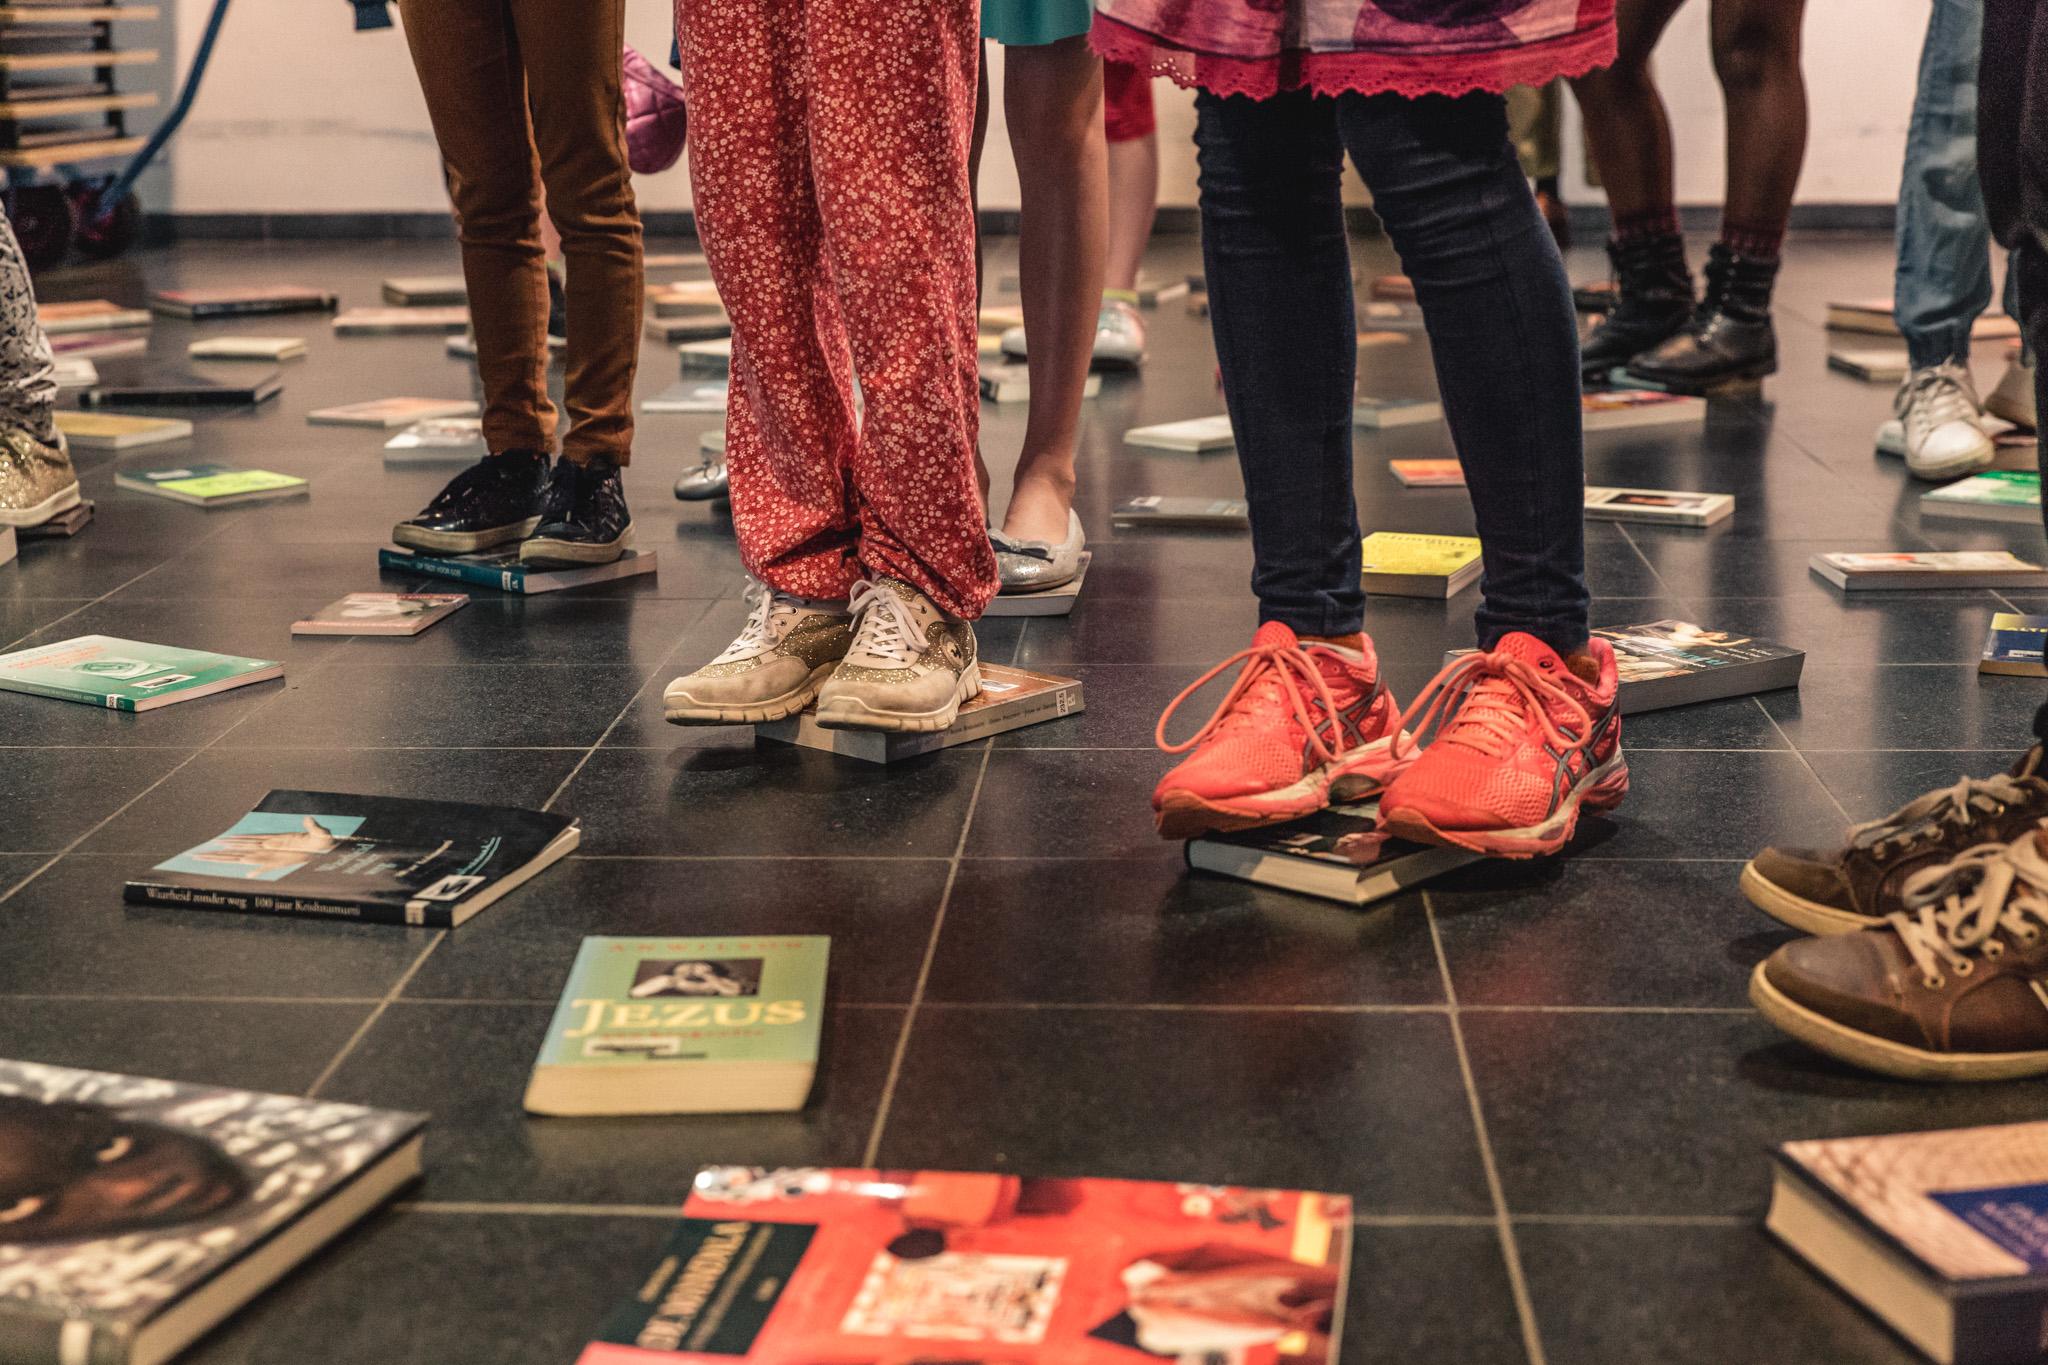 Tal van boeken liggen op de grond, kinderen kiezen hun favoriet door voorzichtig op het boek te gaan staan